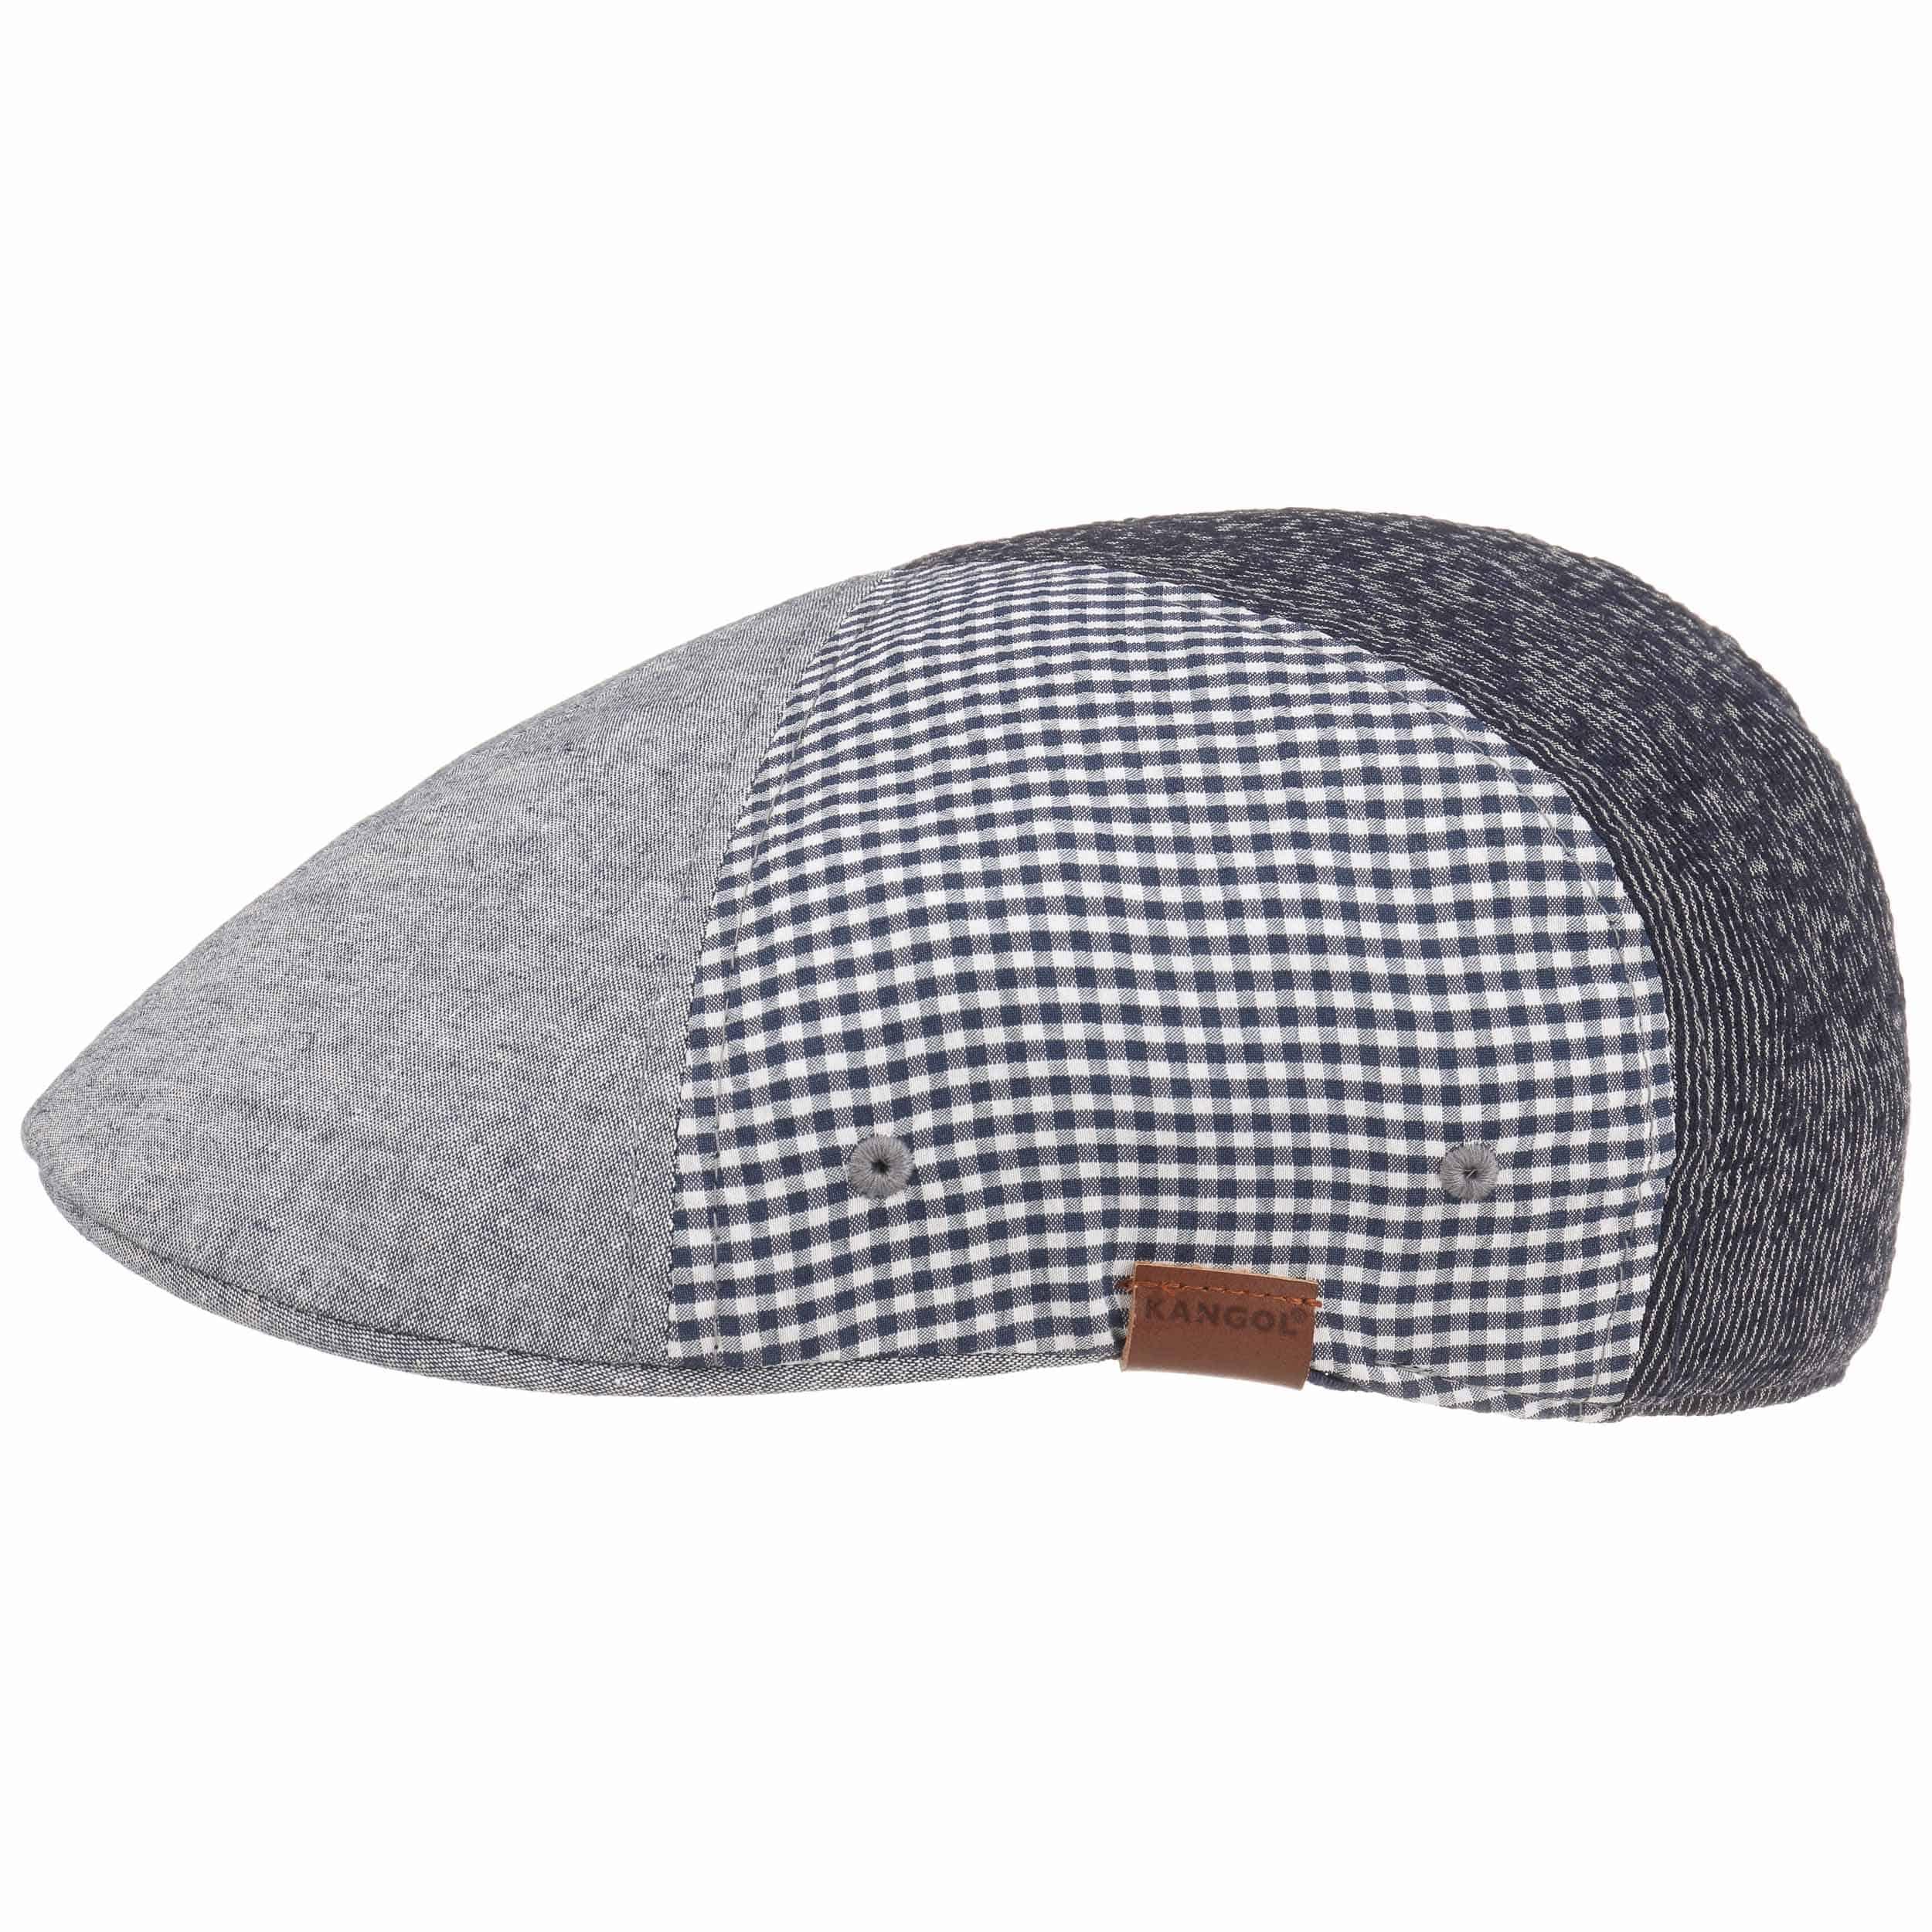 Gorra Patchwork Flexfit 504 by Kangol - Gorras - sombreroshop.es d495a7908f5